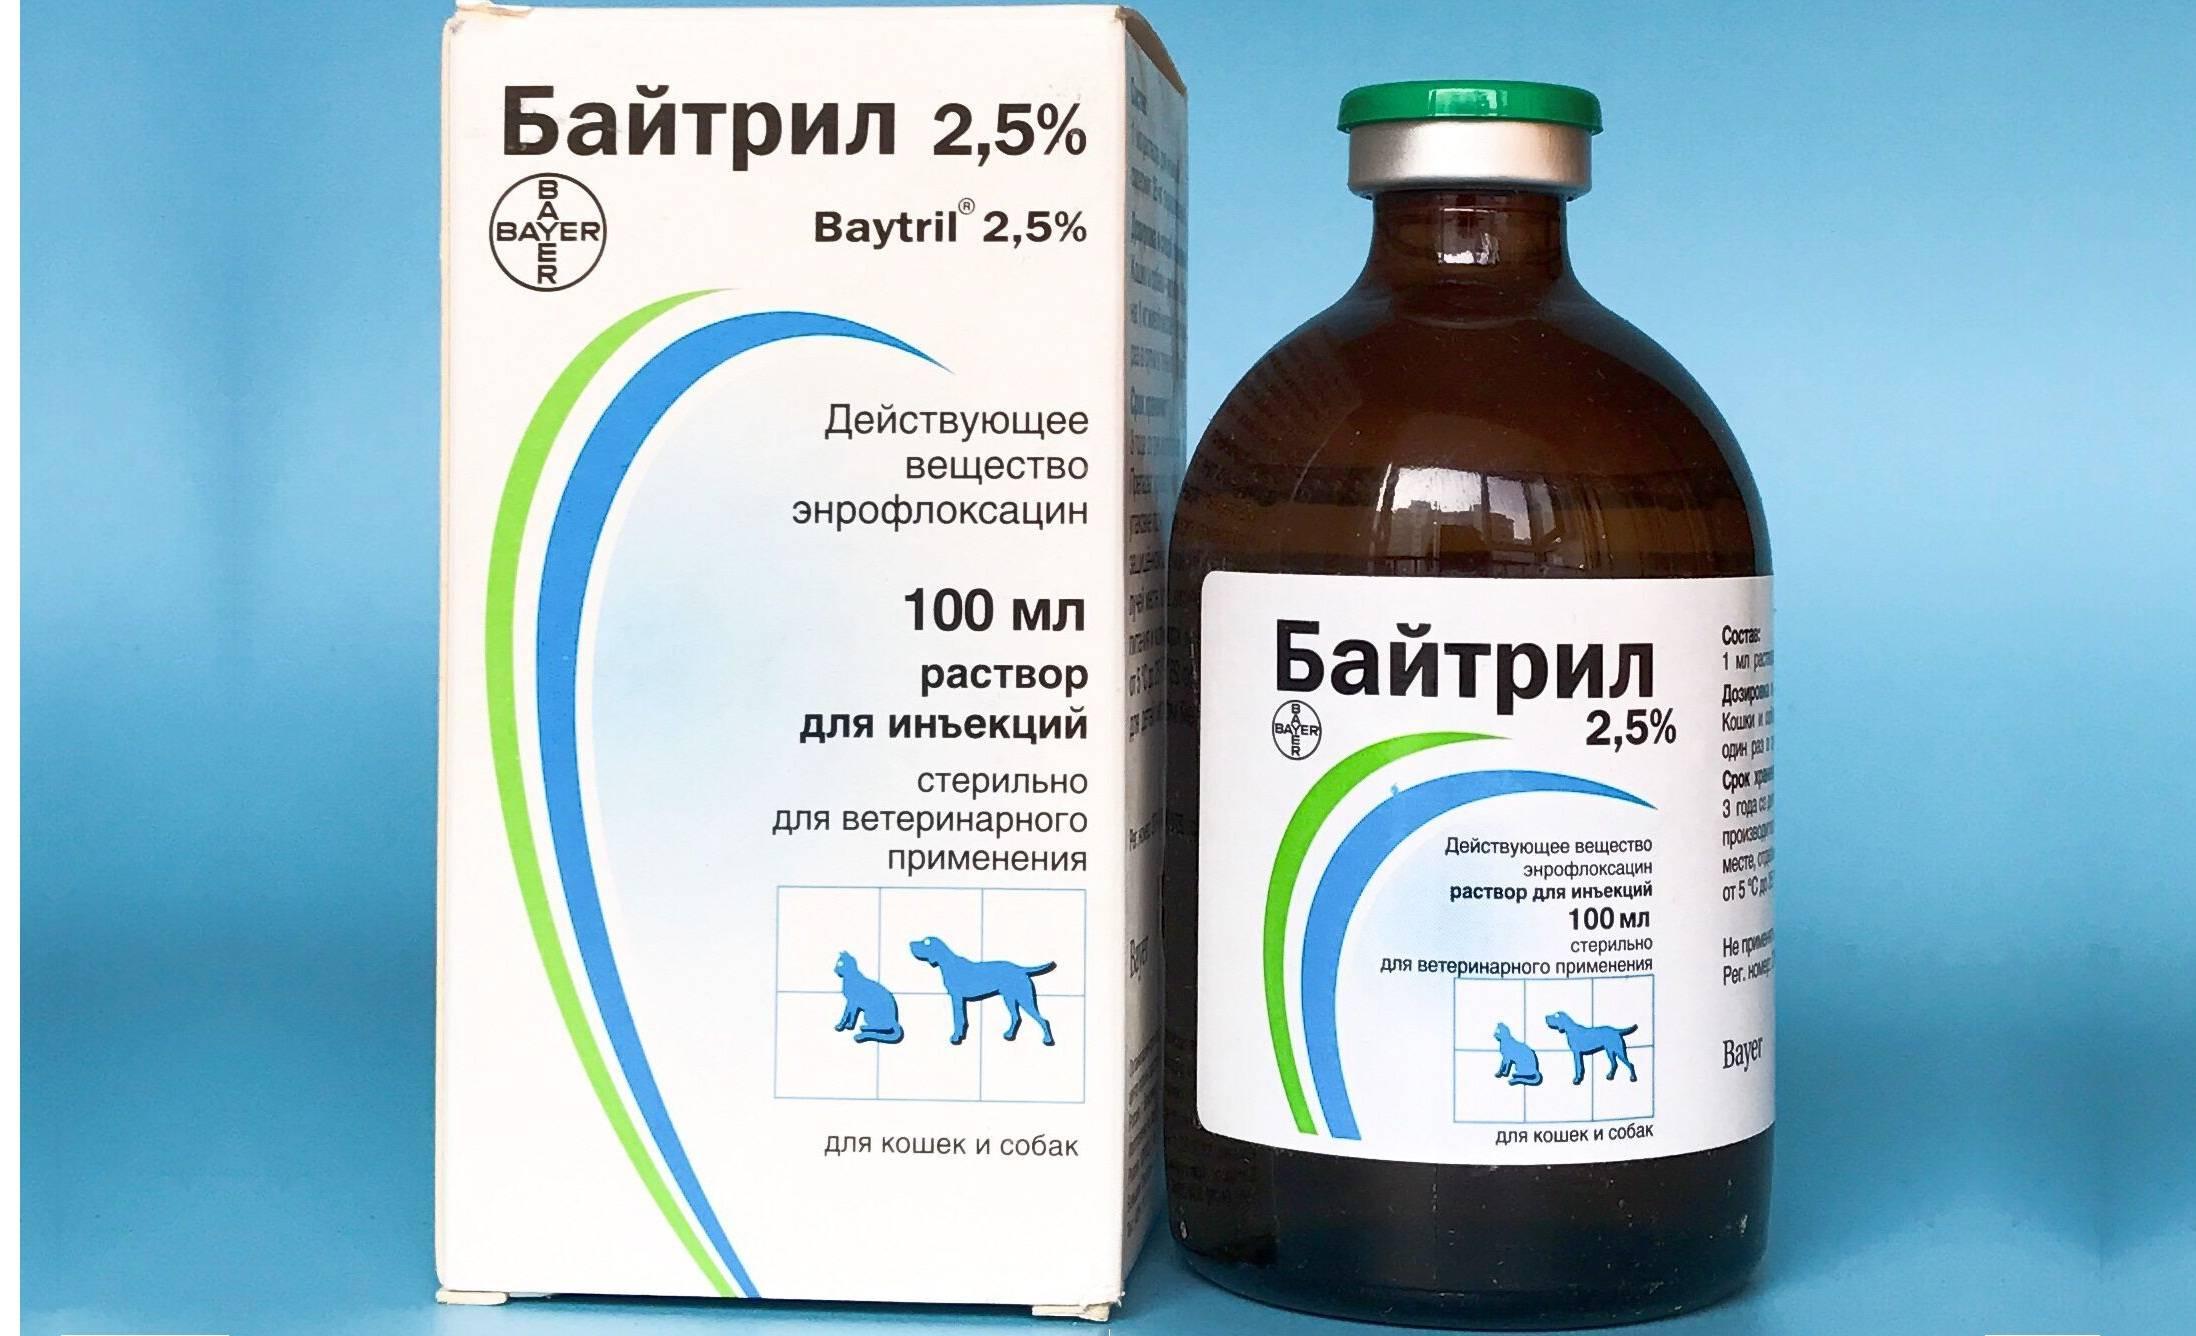 Байтрил для животных (baytril) | инструкция по применению байтрила в ветеринарии